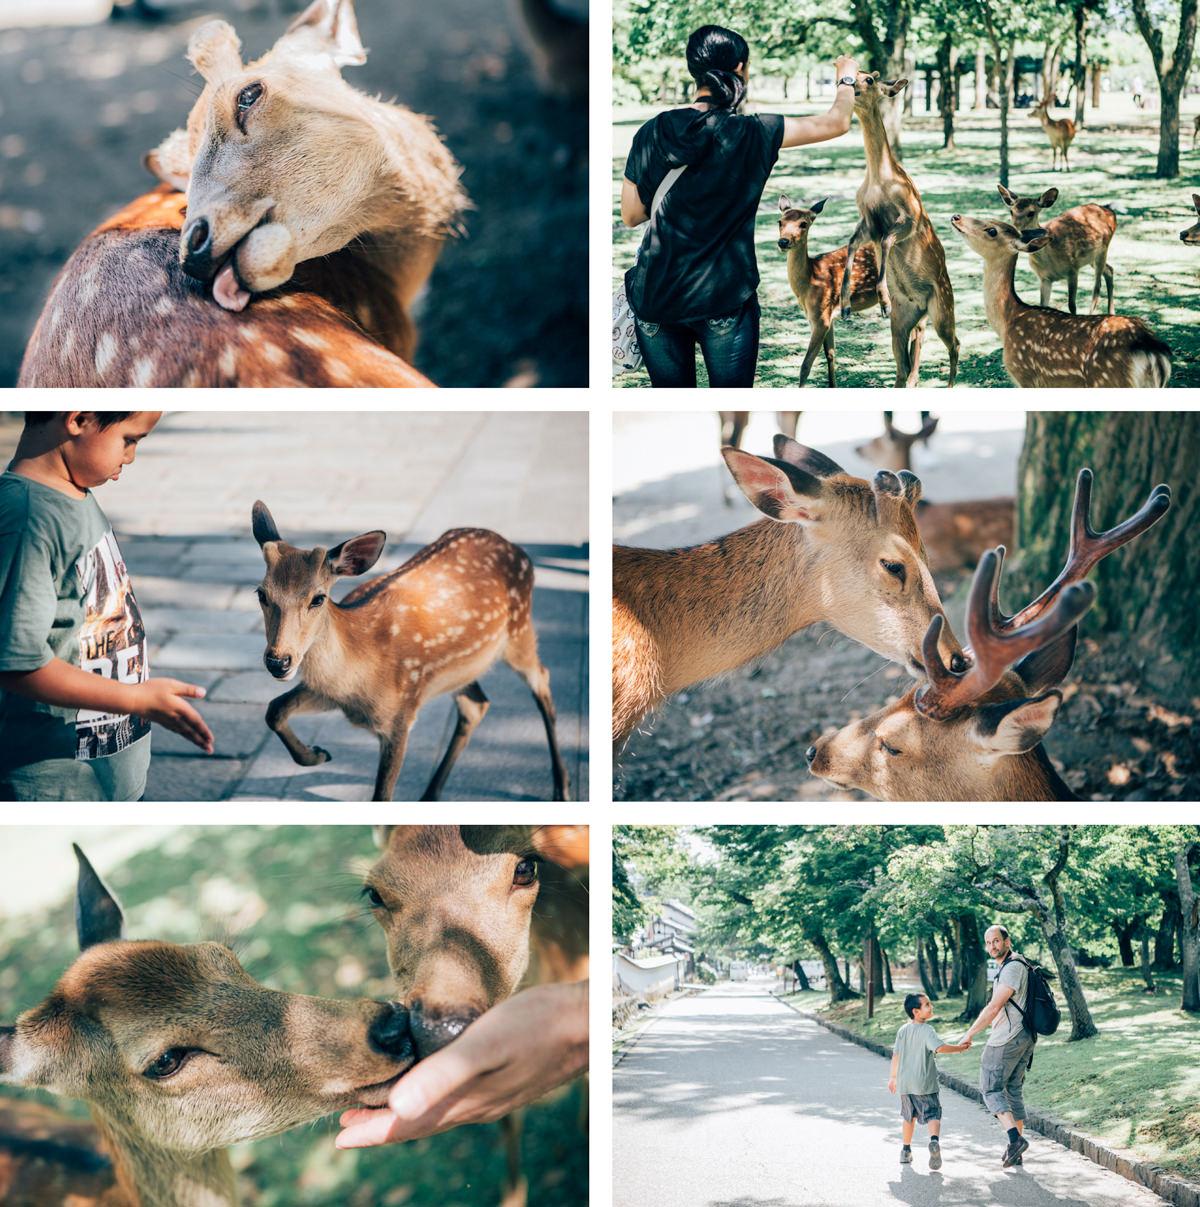 nara deer park photography